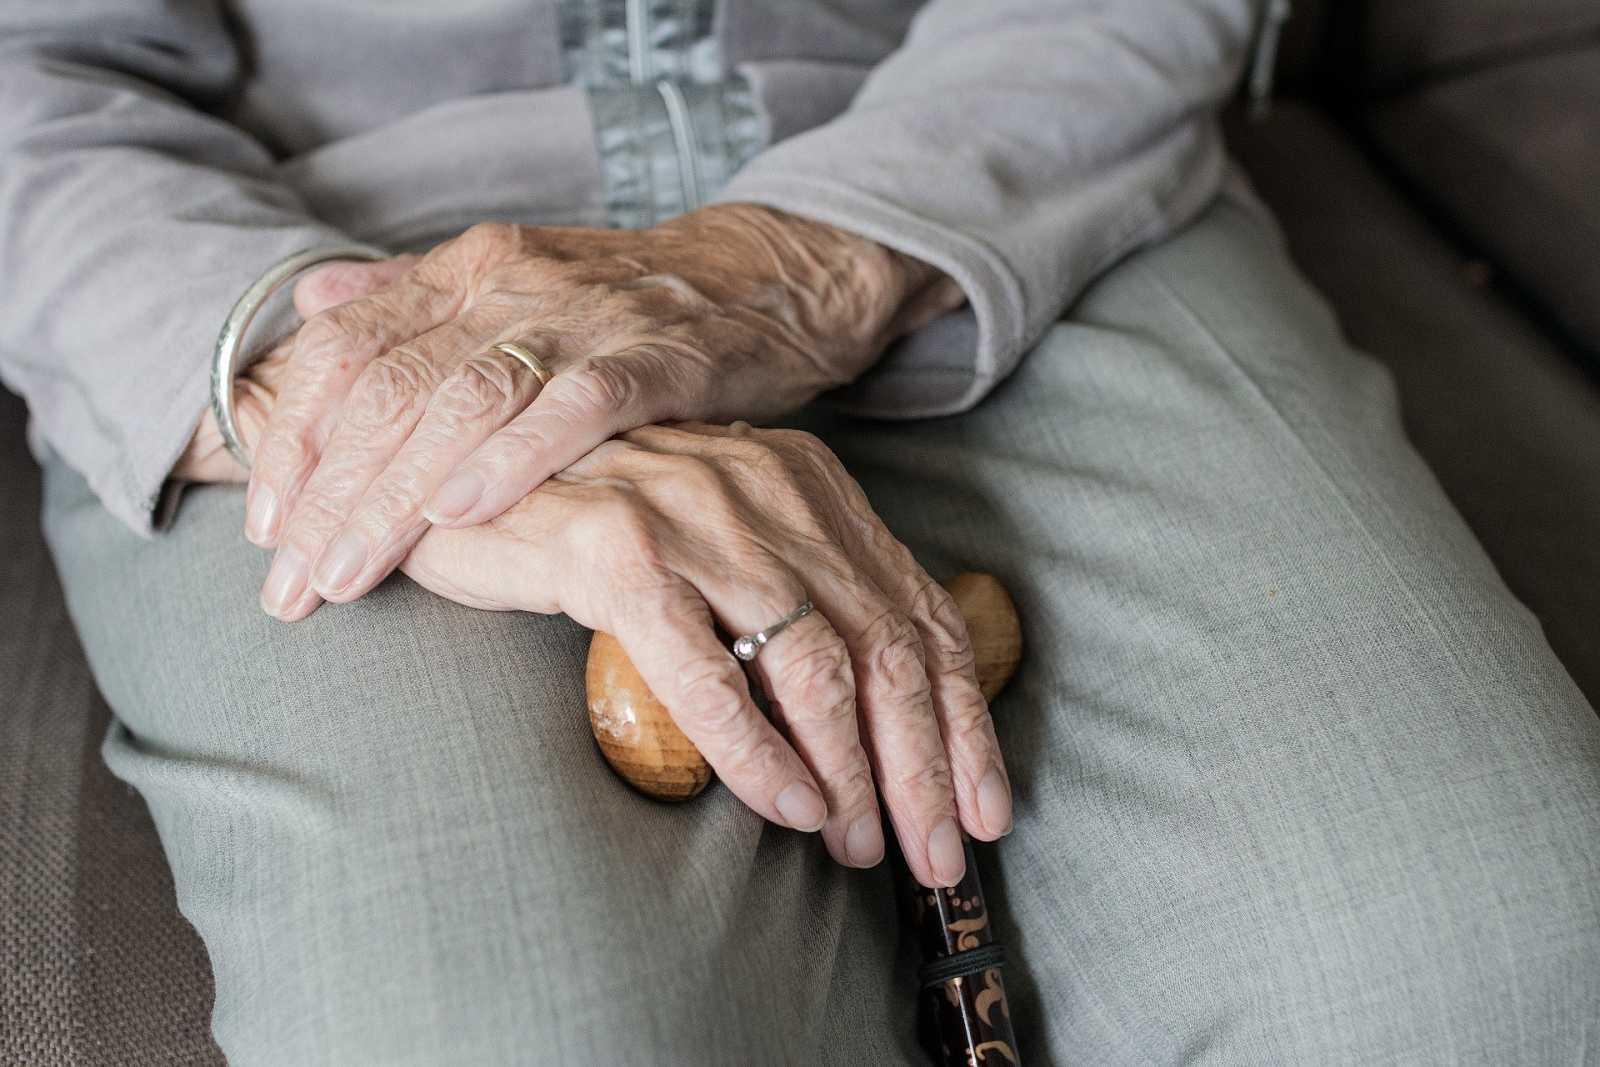 Cuaderno mayor - El confinamiento ha intensificado los síntomas de los enfermos de párkinson - 13/09/20 - Escuchar ahora